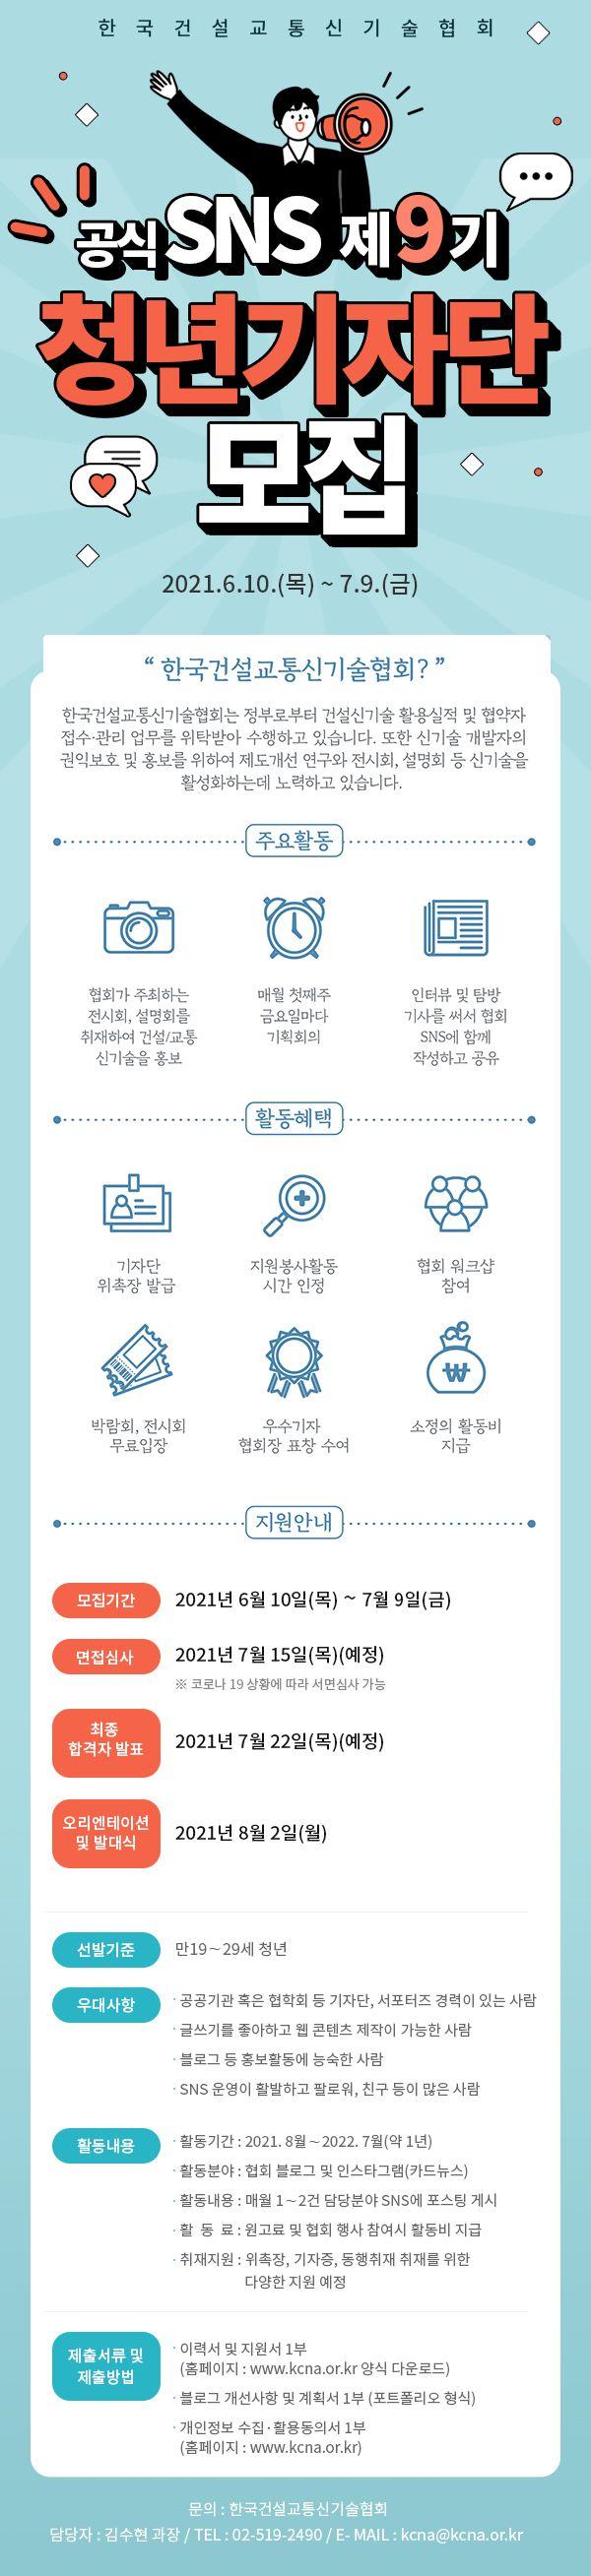 제9기 한국건설교통신기술협회 청년기자단 모집 공고(6. 10(목) ~ 7. 9(금))